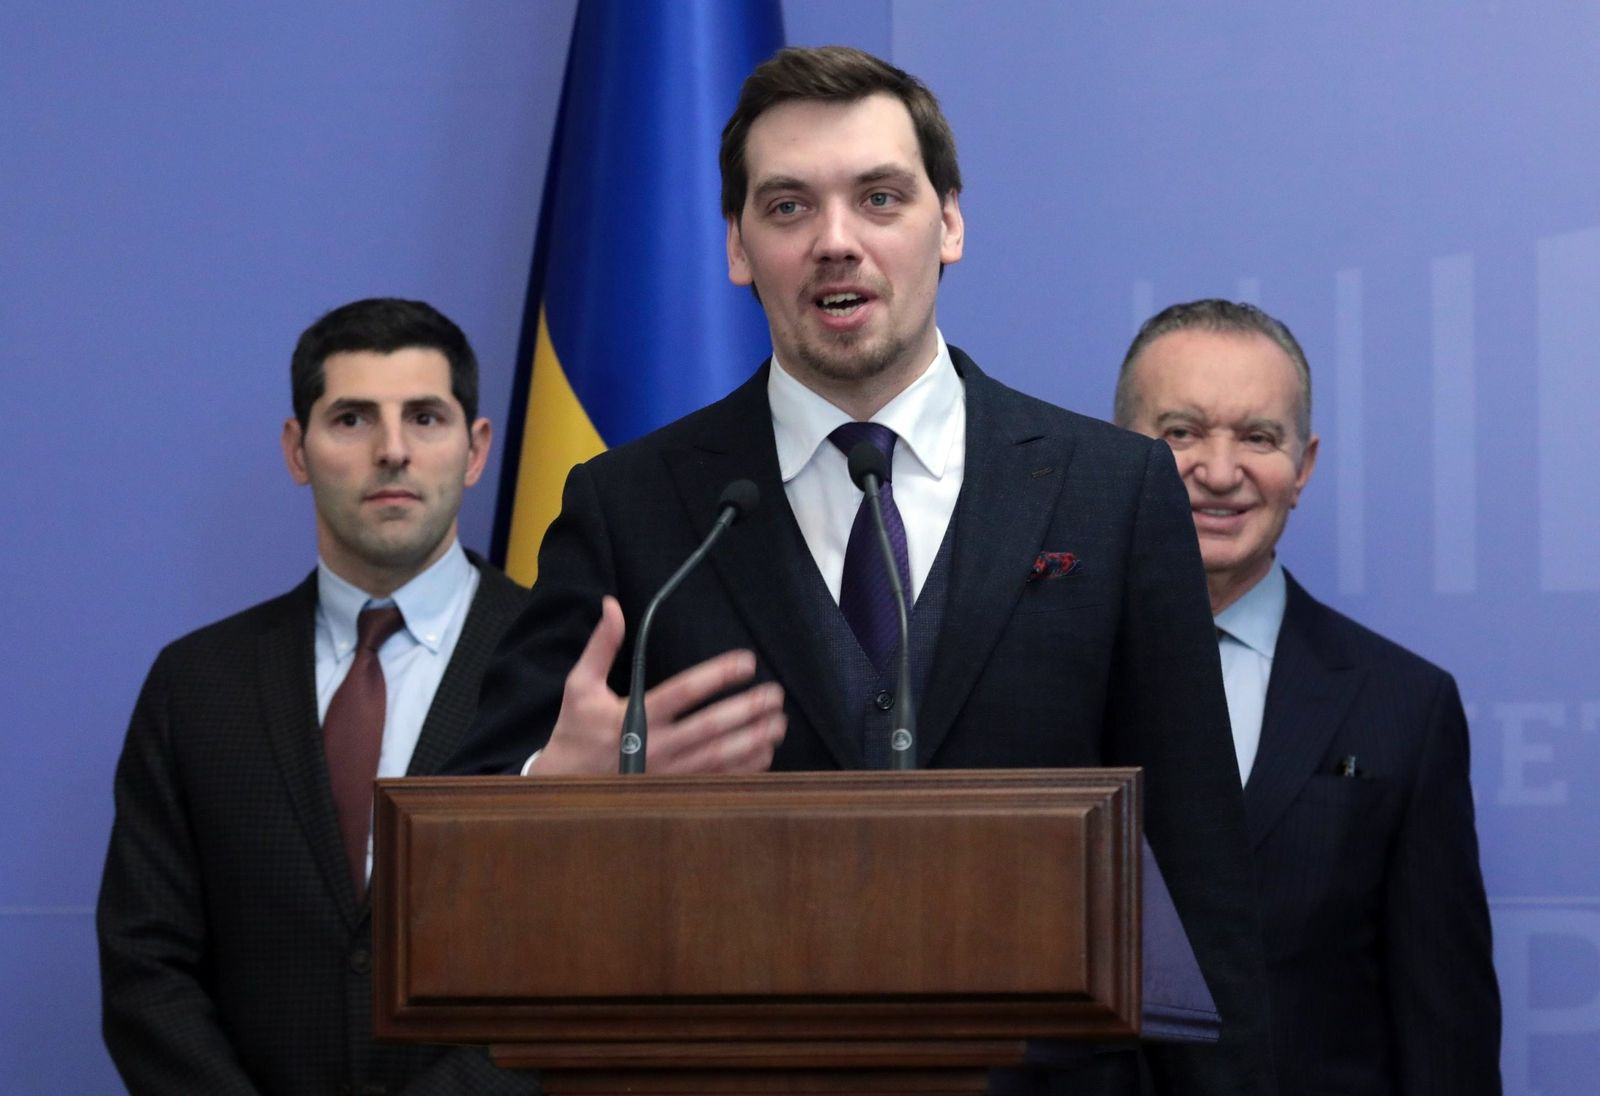 Ukrainischer Ministerpräsident Gontscharuk reicht Rücktritt ein